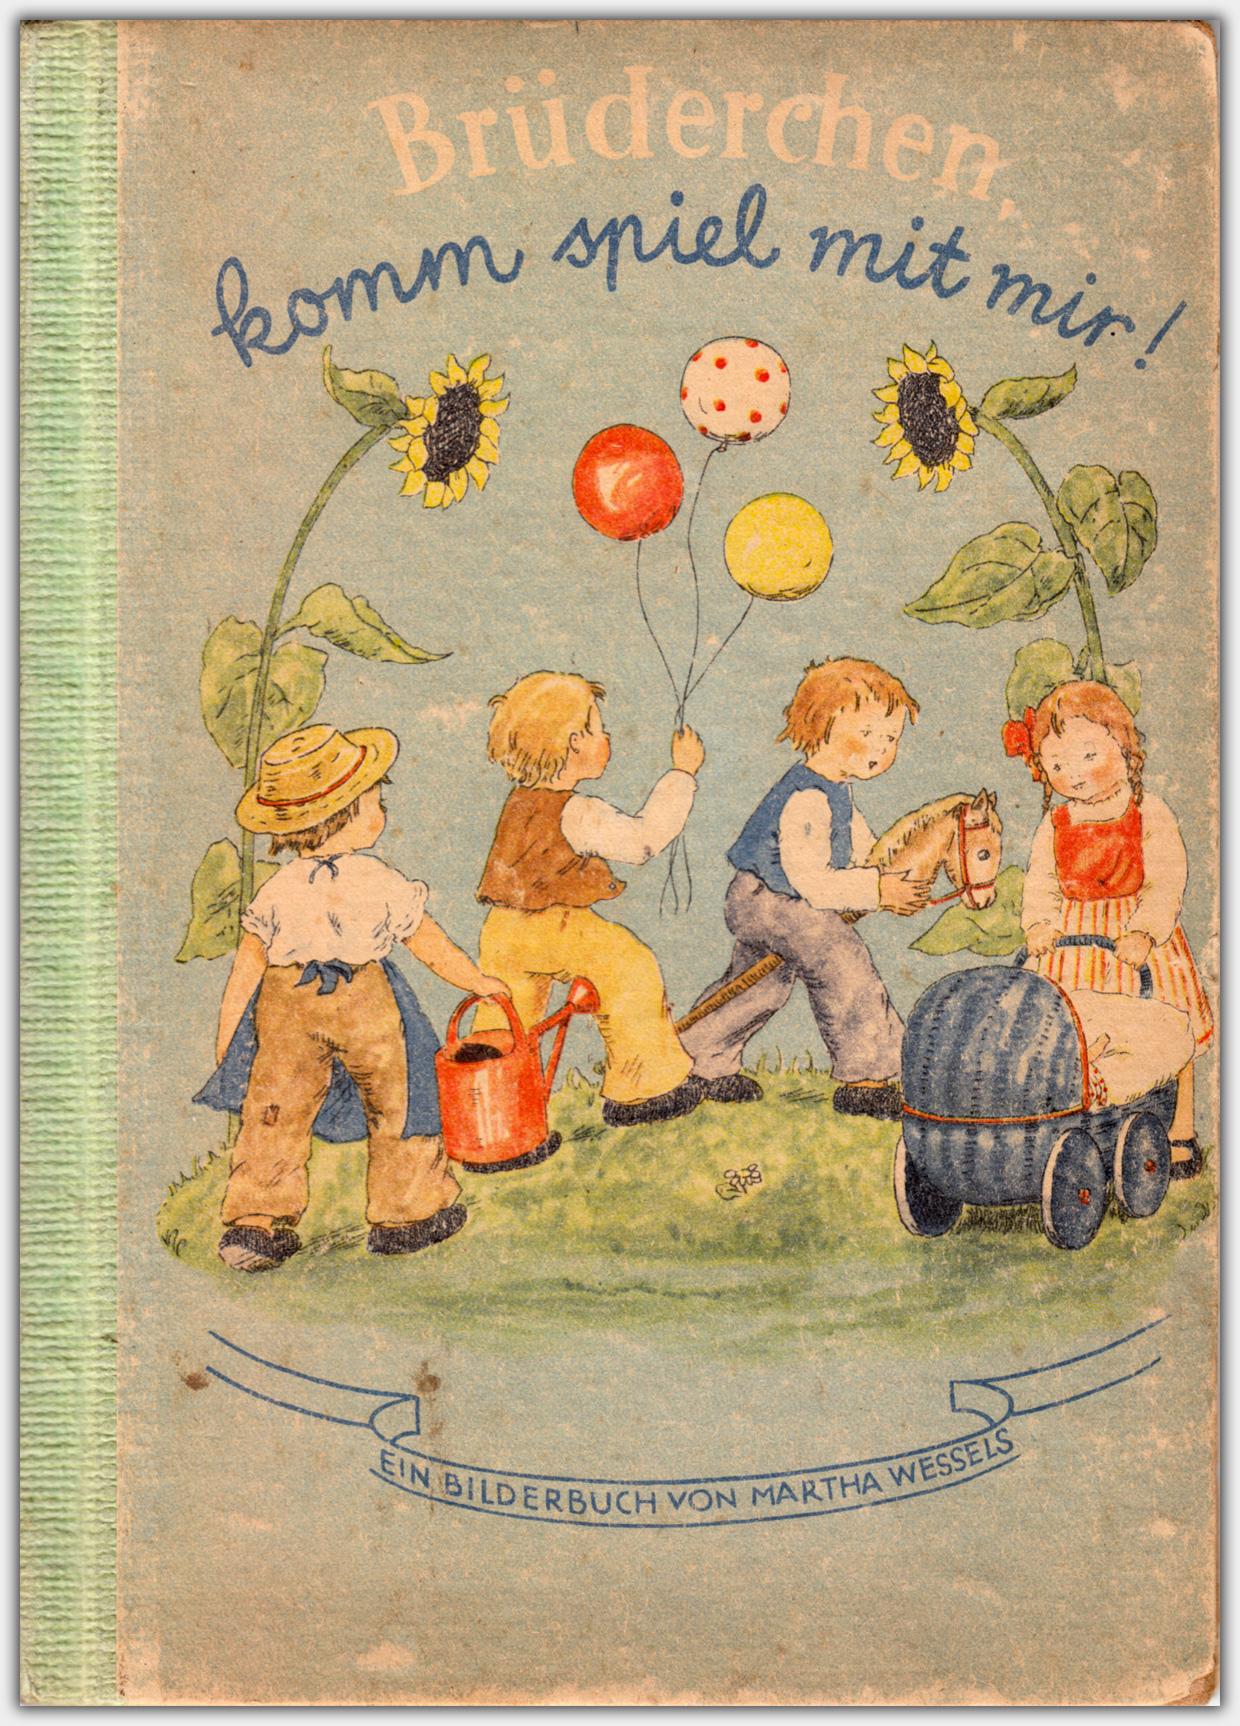 Brüderchen, komm spiel mit mir! | Verlag Die Lampions, 1948